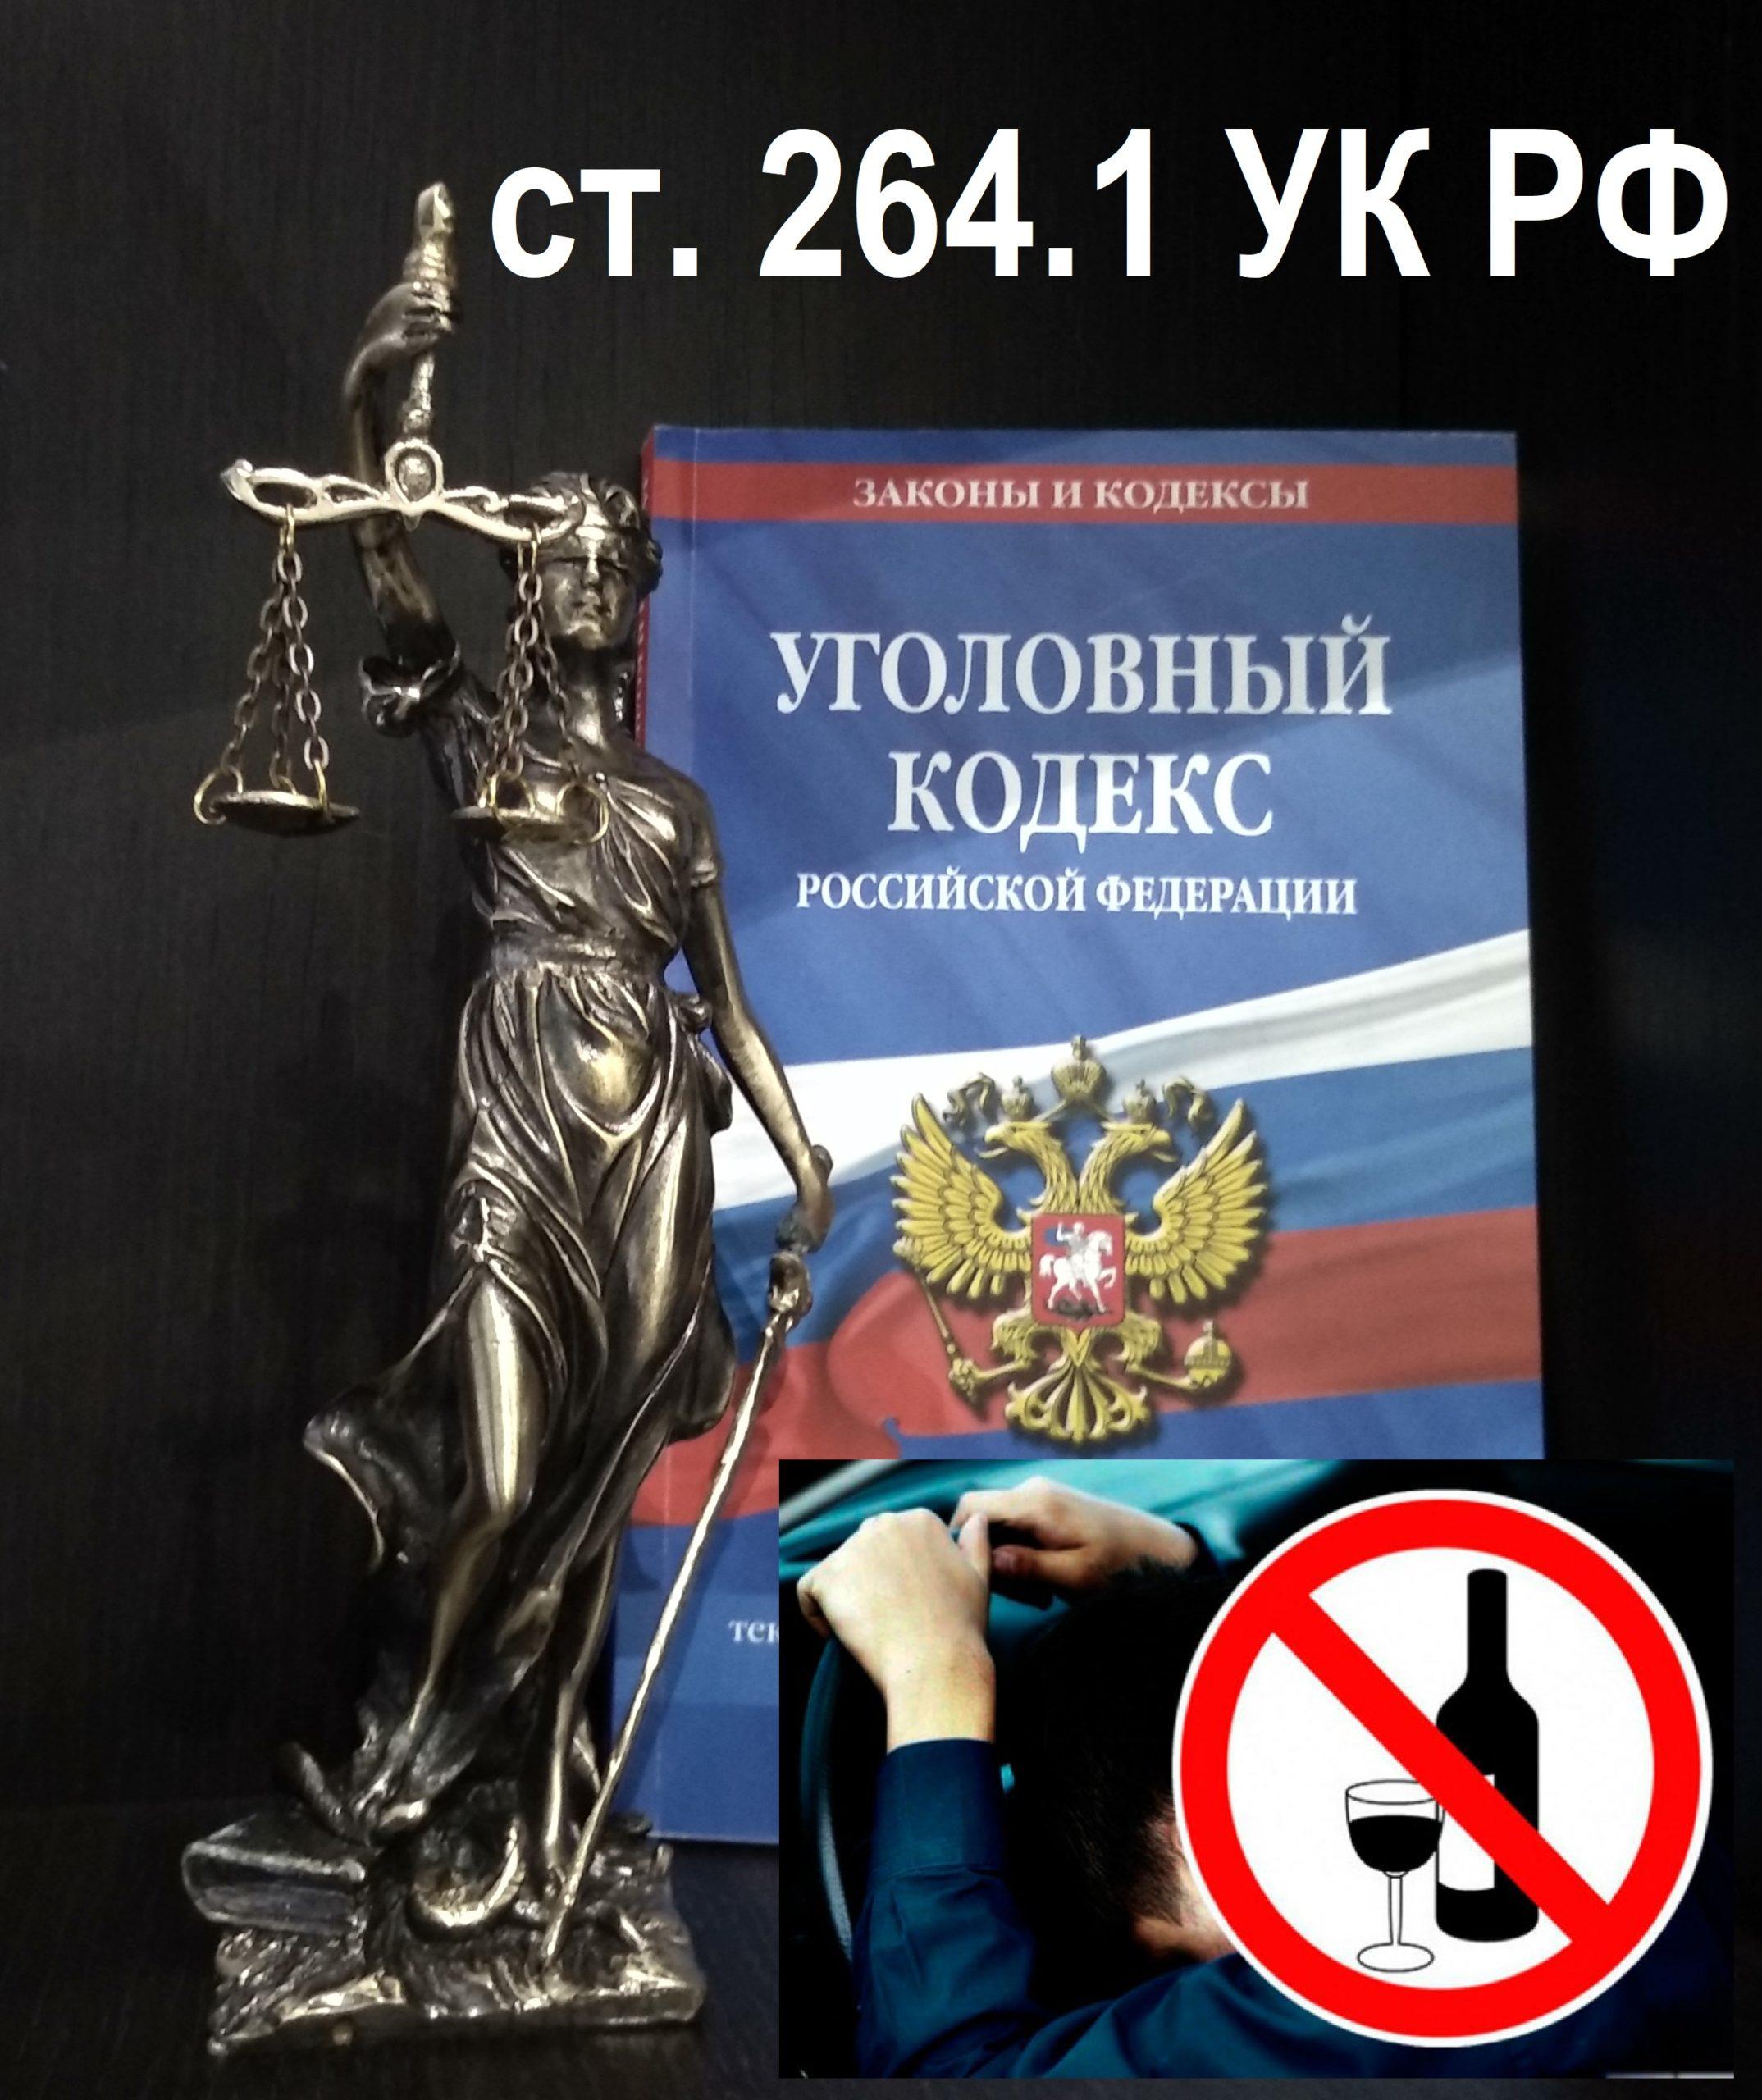 Адвокат по ст. 264.1 УК РФ Управление транспортным средством в состоянии опьянения